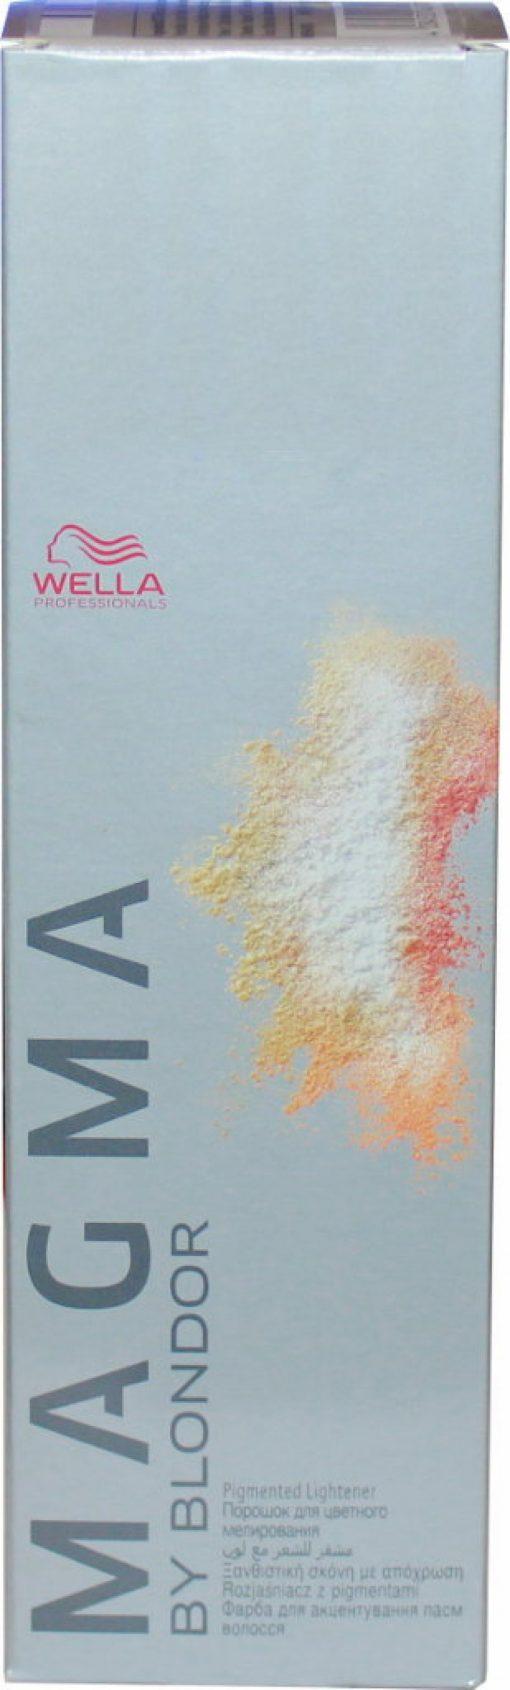 Wella Magma By Blondor plaukų dažai 120 g